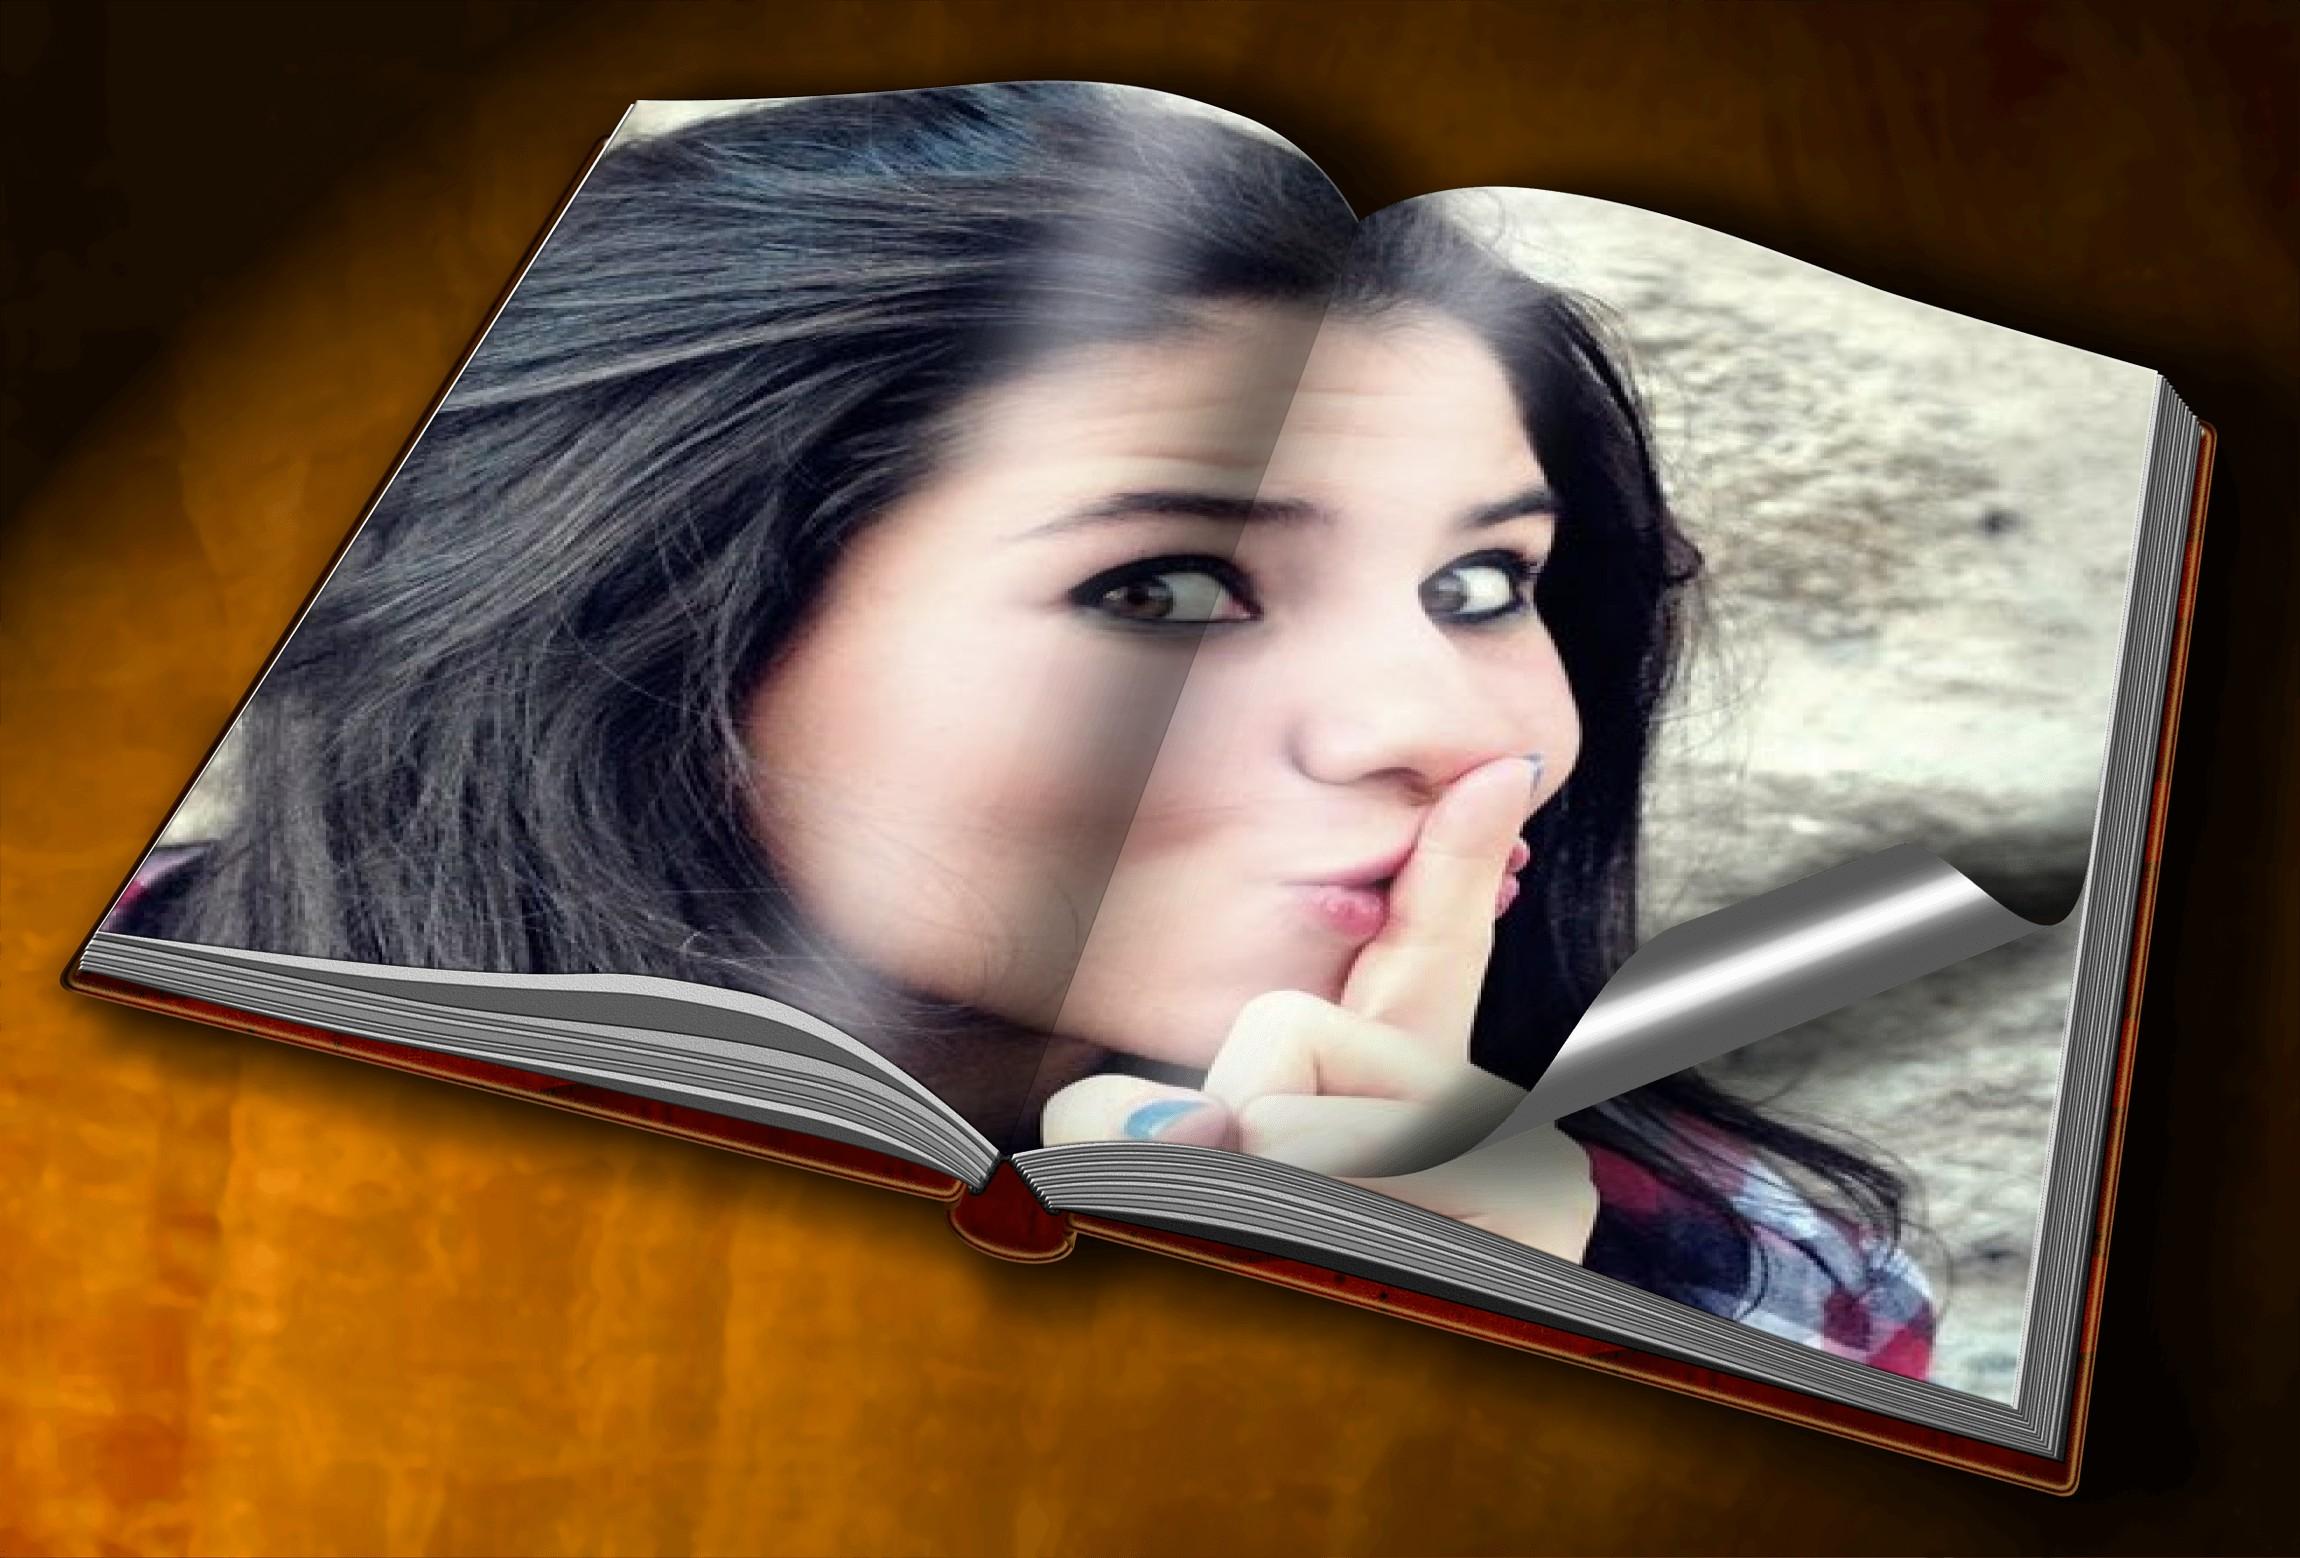 montagem-de-foto-em-livro